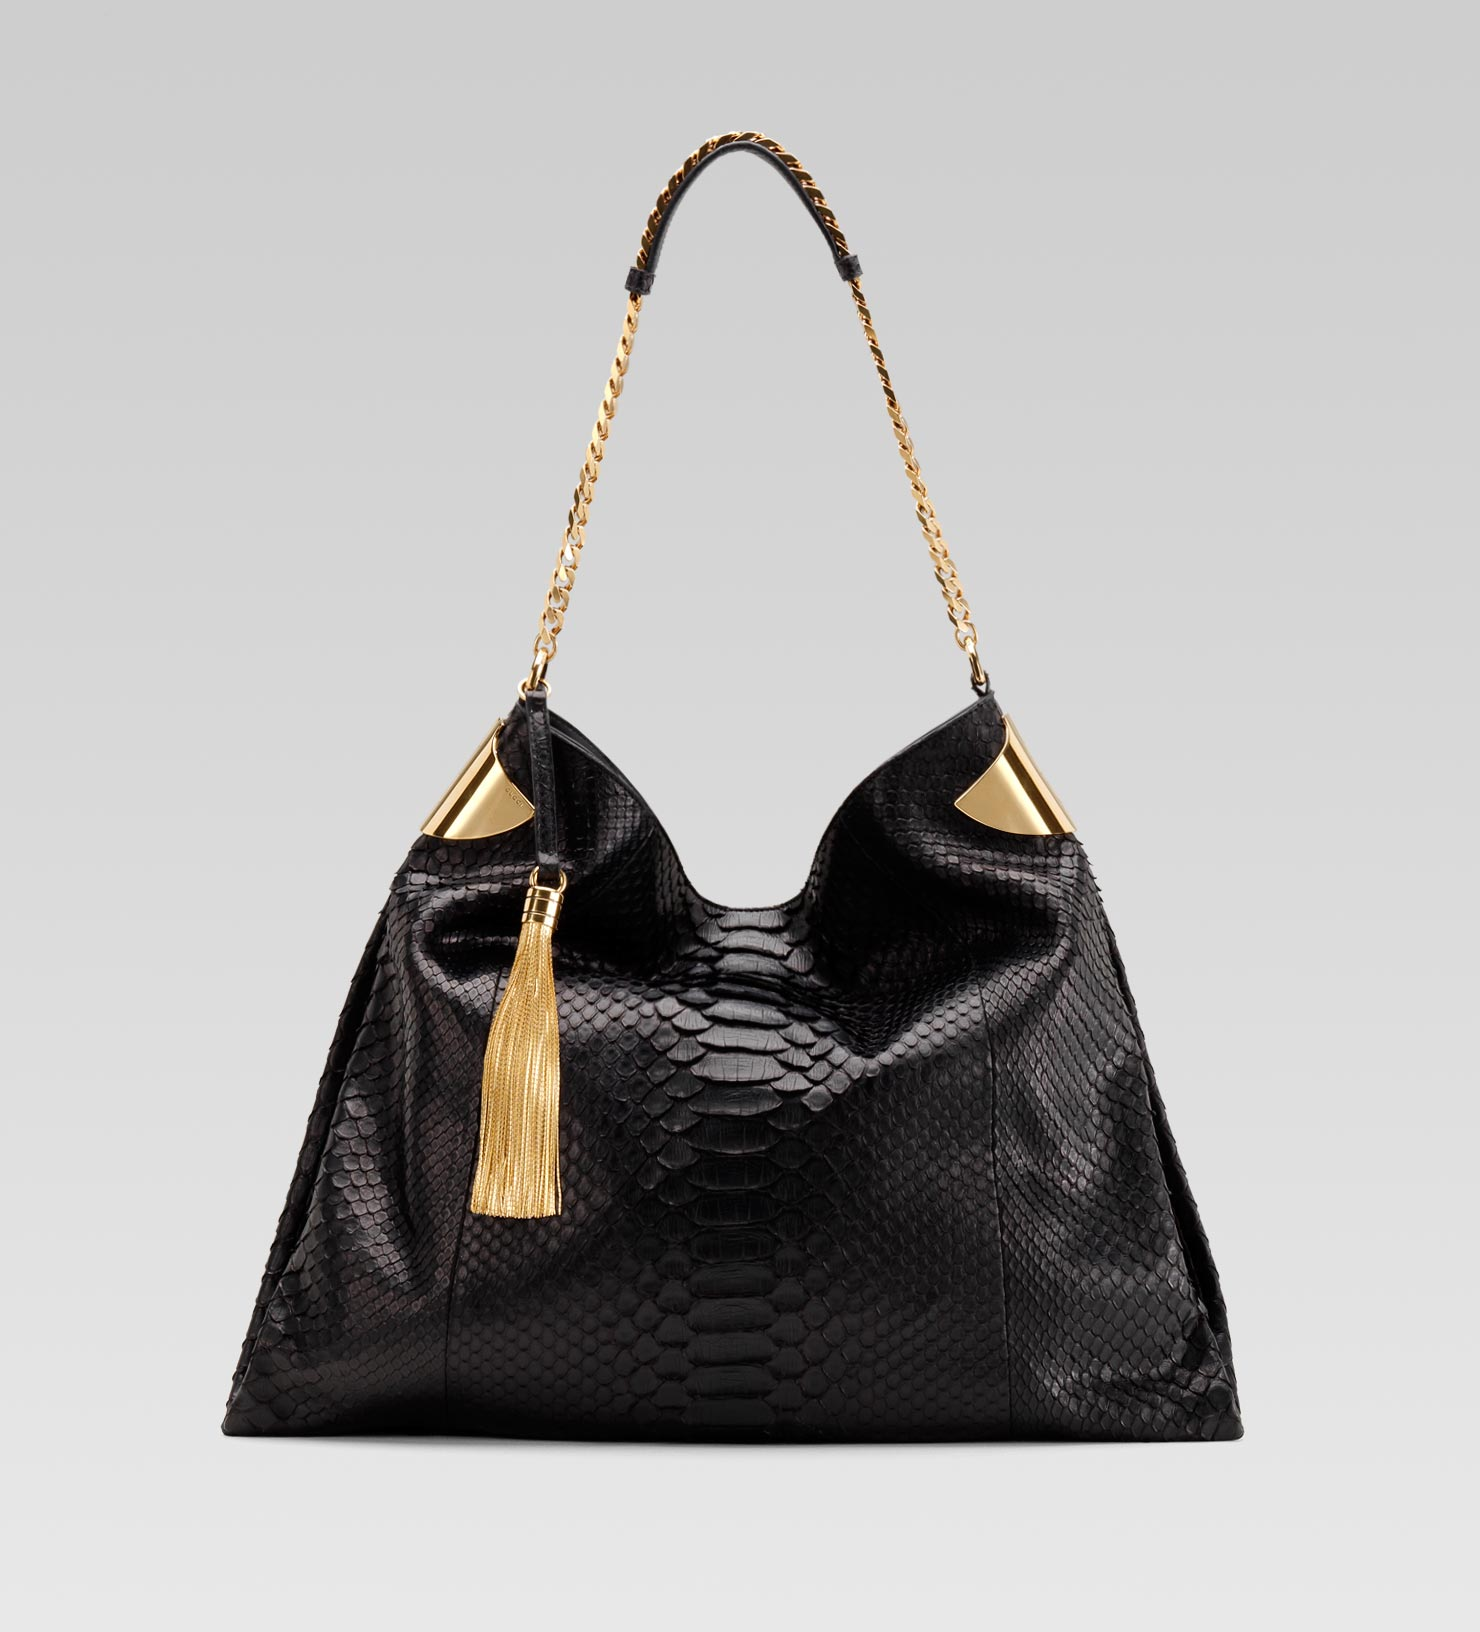 Gucci 1970 shoulder bag